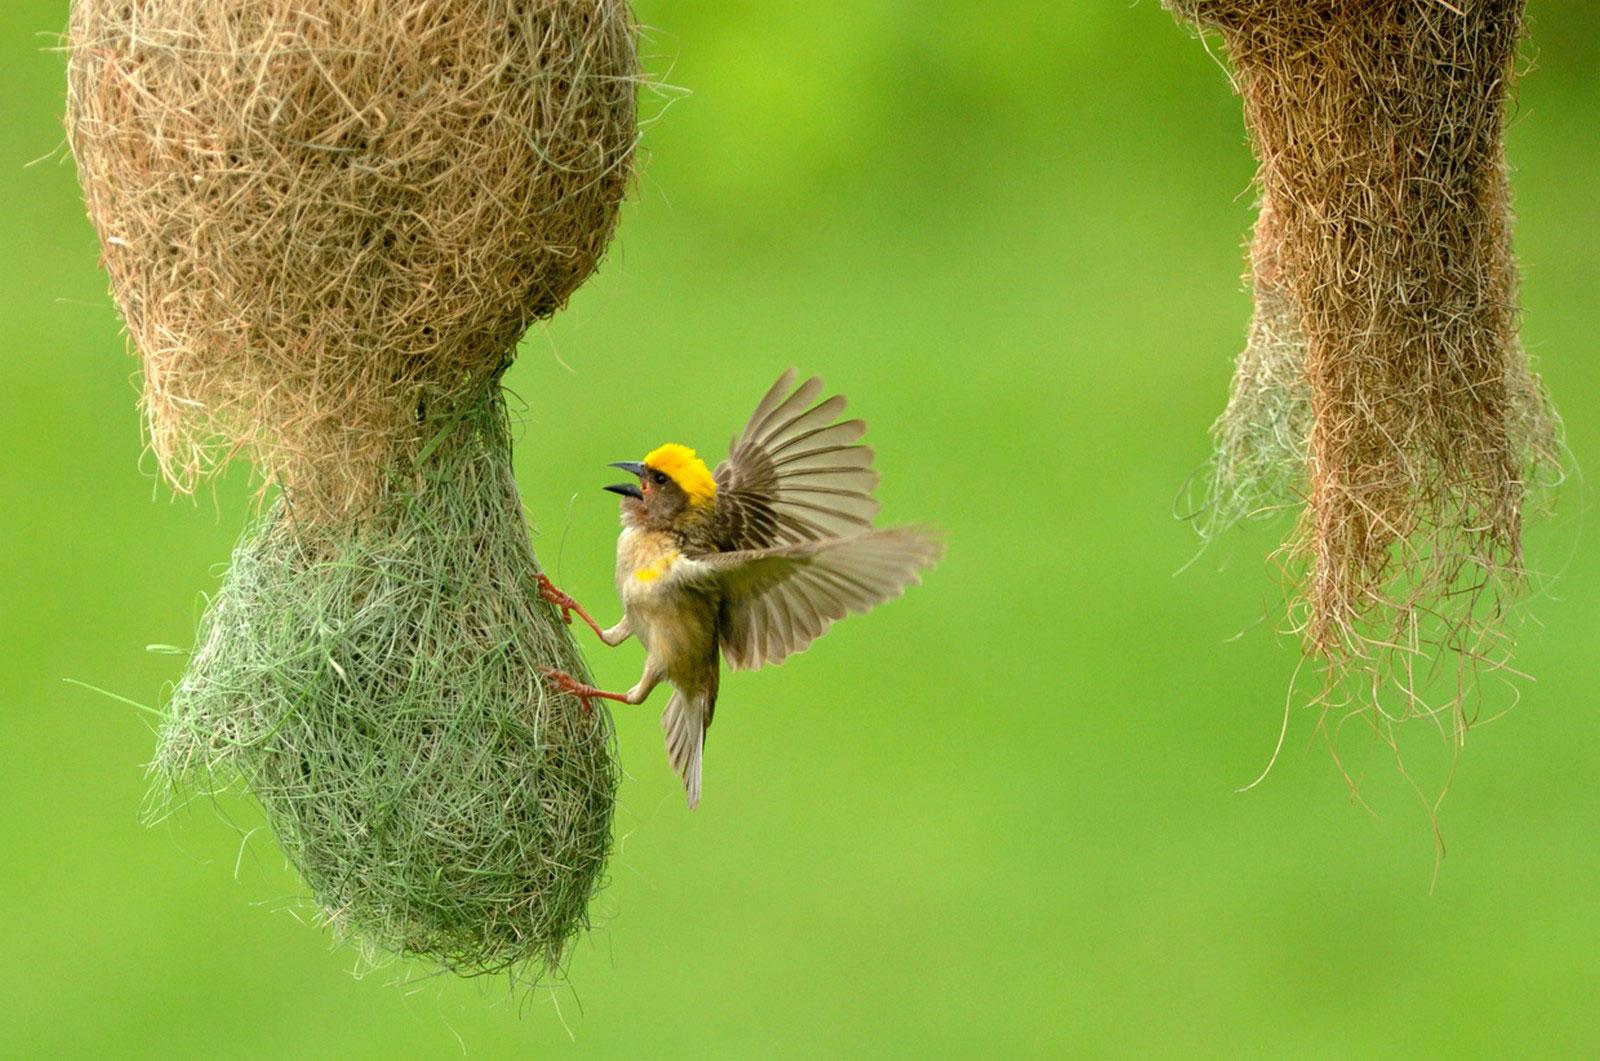 животных насекомых и птиц